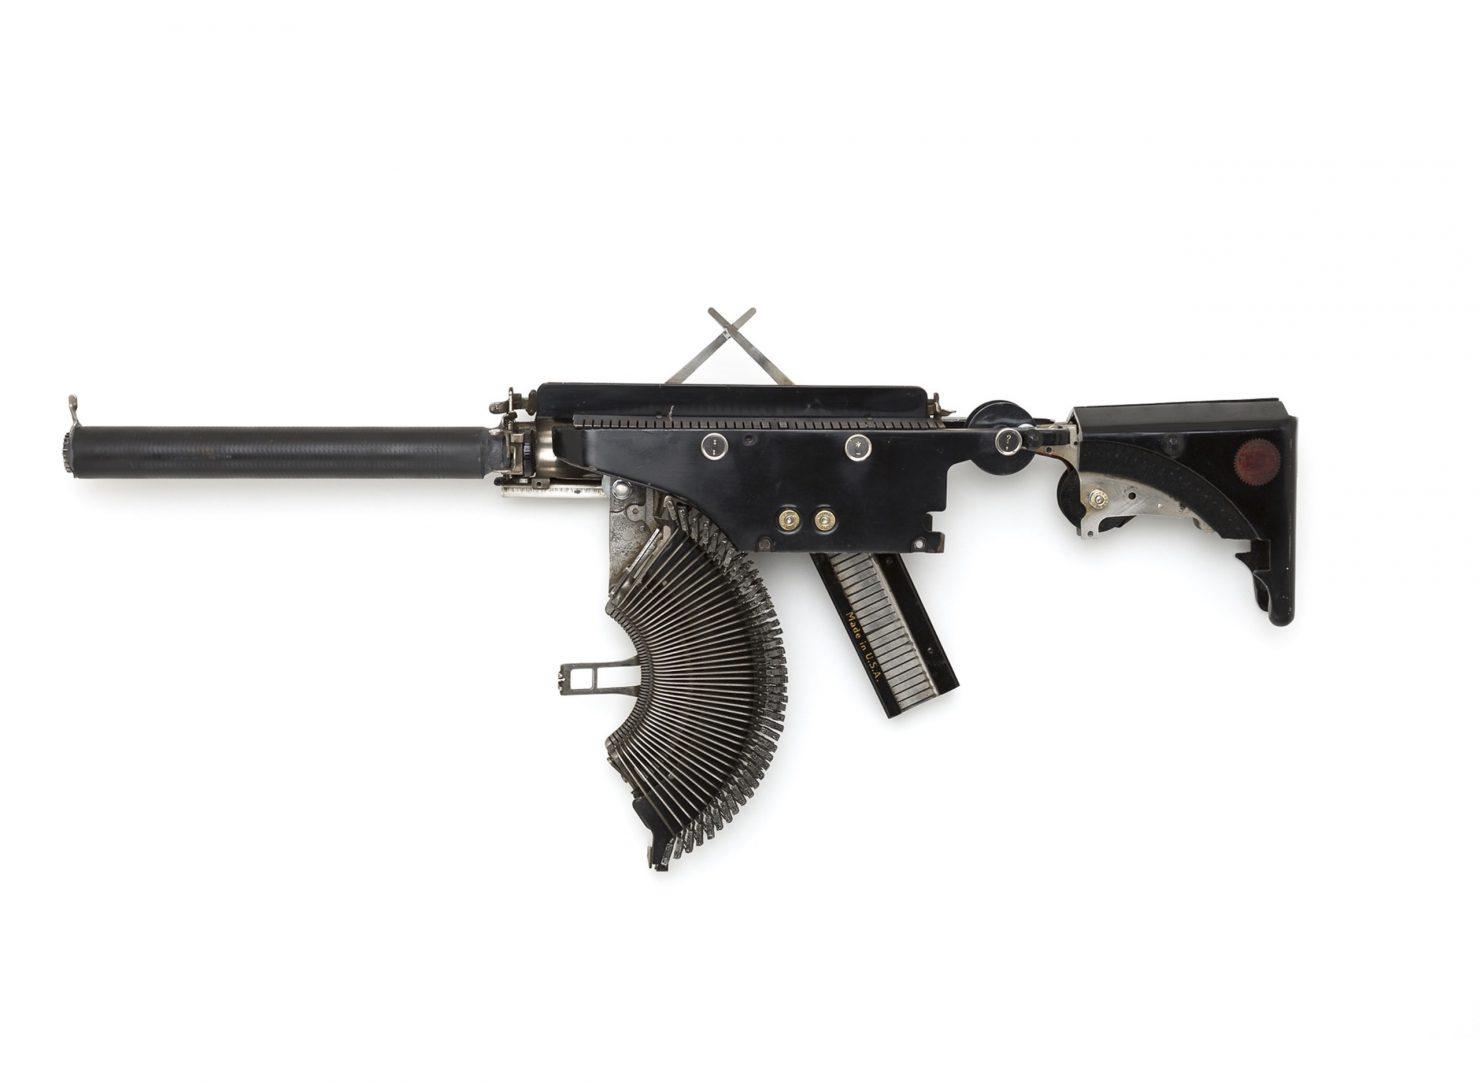 Typewriter Guns 1480x1086 - Typewriter Guns